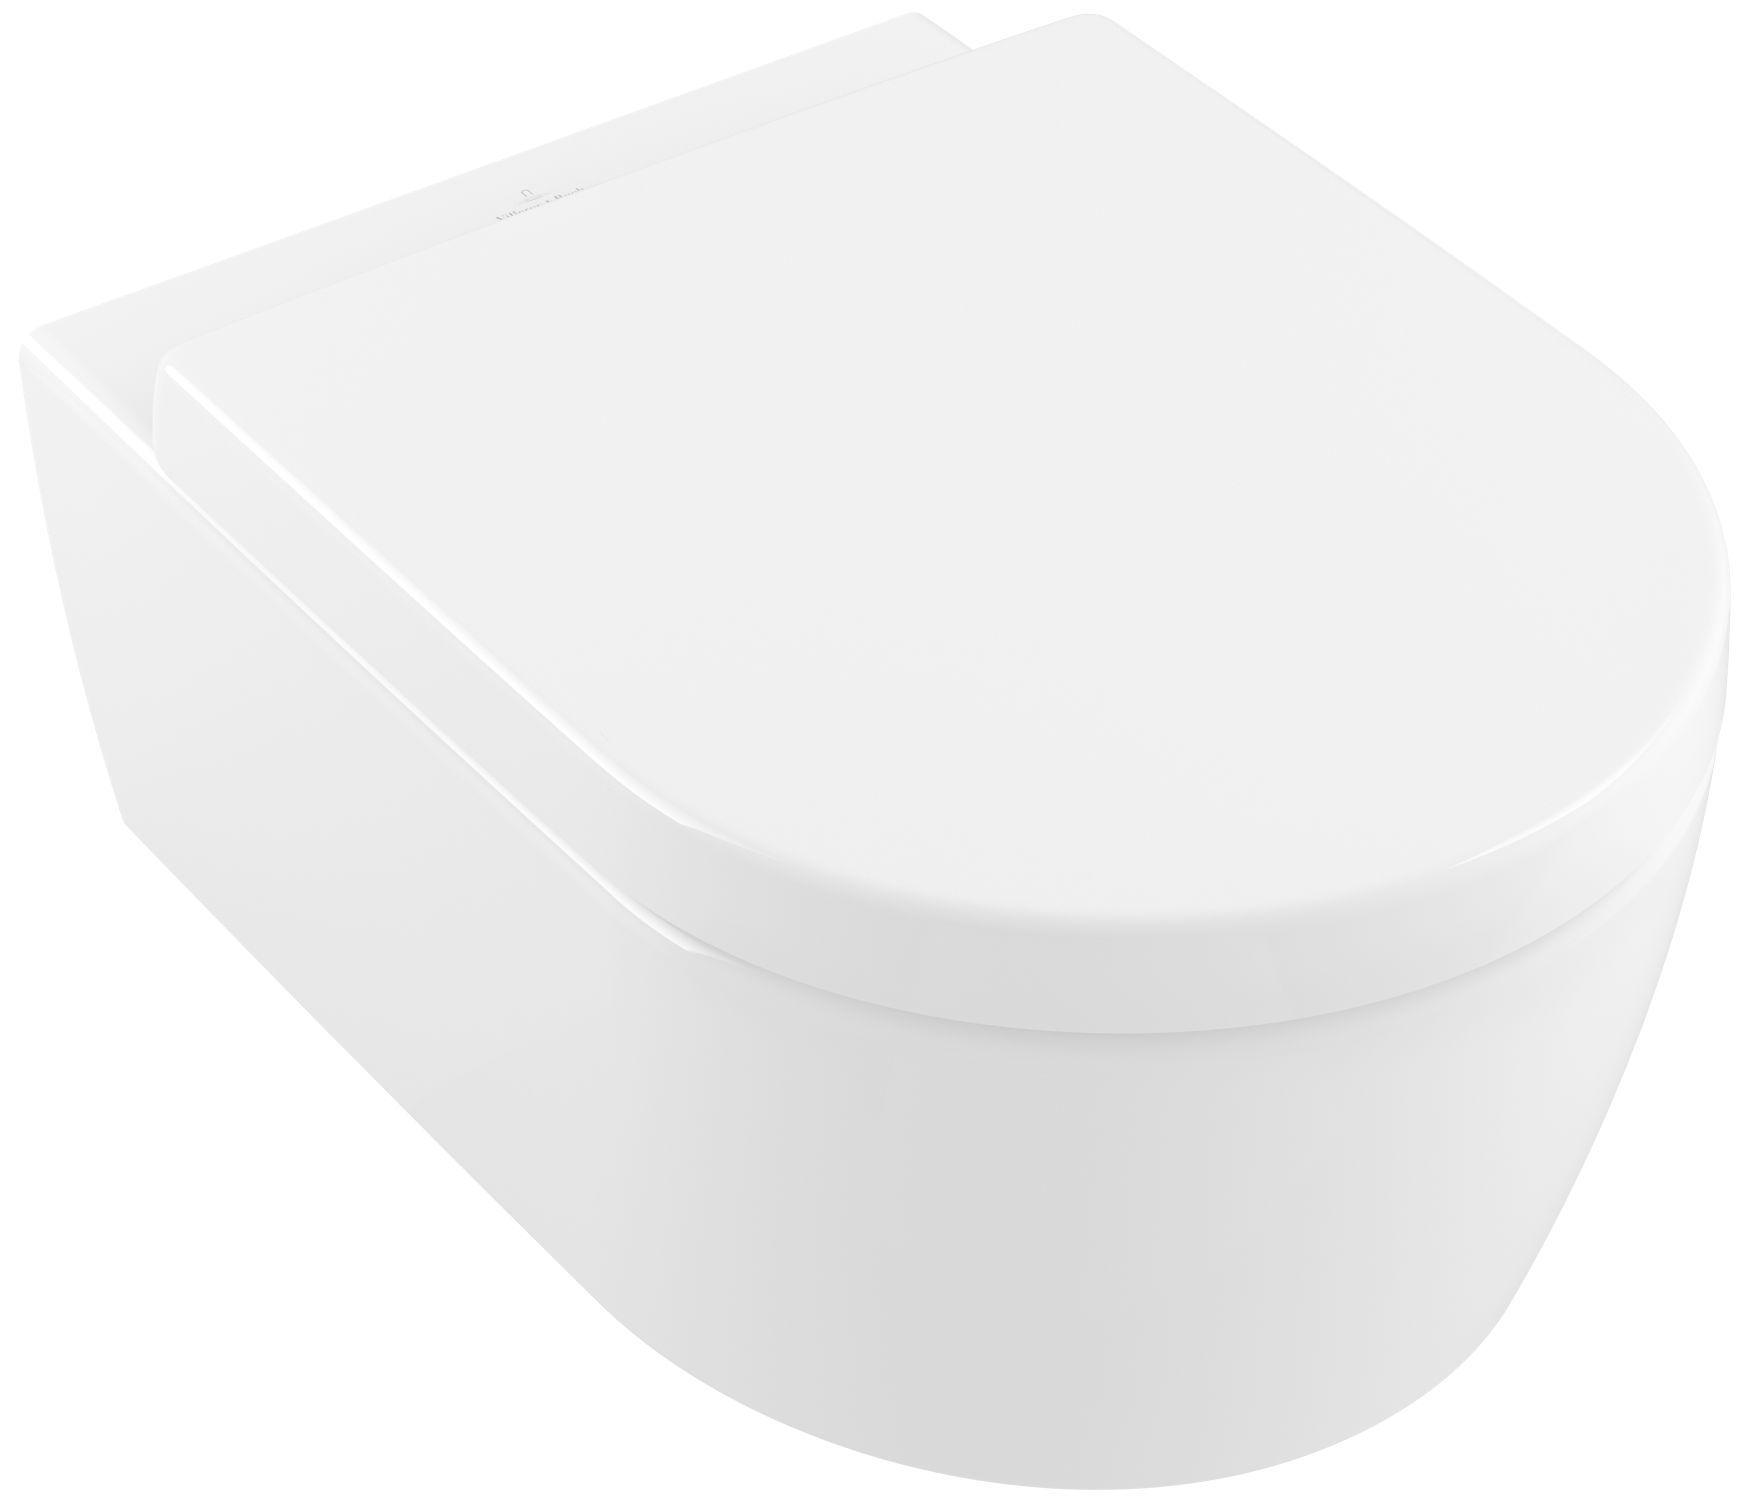 Villeroy & Boch Avento Combi-Pack mit Wand-Tiefspül-WC DirectFlush mit offenem Spülrand L:53xB:37cm weiß mit WC-Sitz und Absenkautomatik 5656HR01